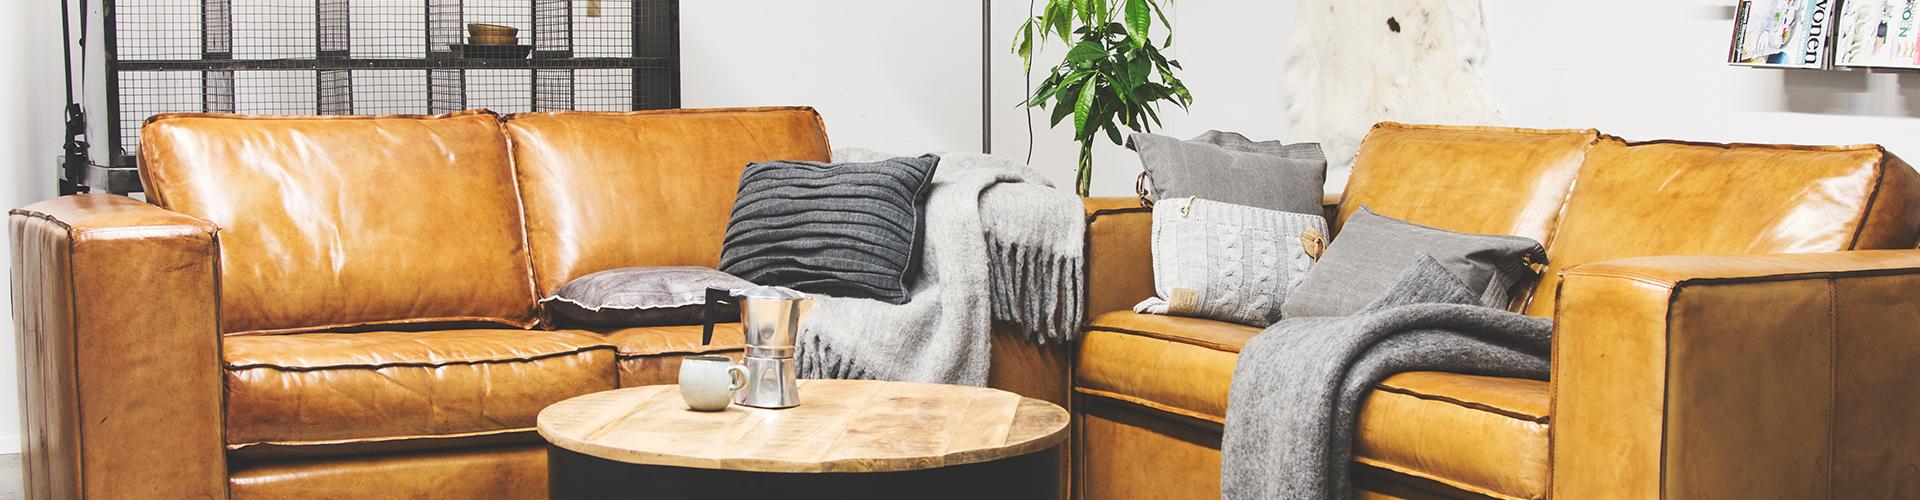 Industriedesign möbel in holland